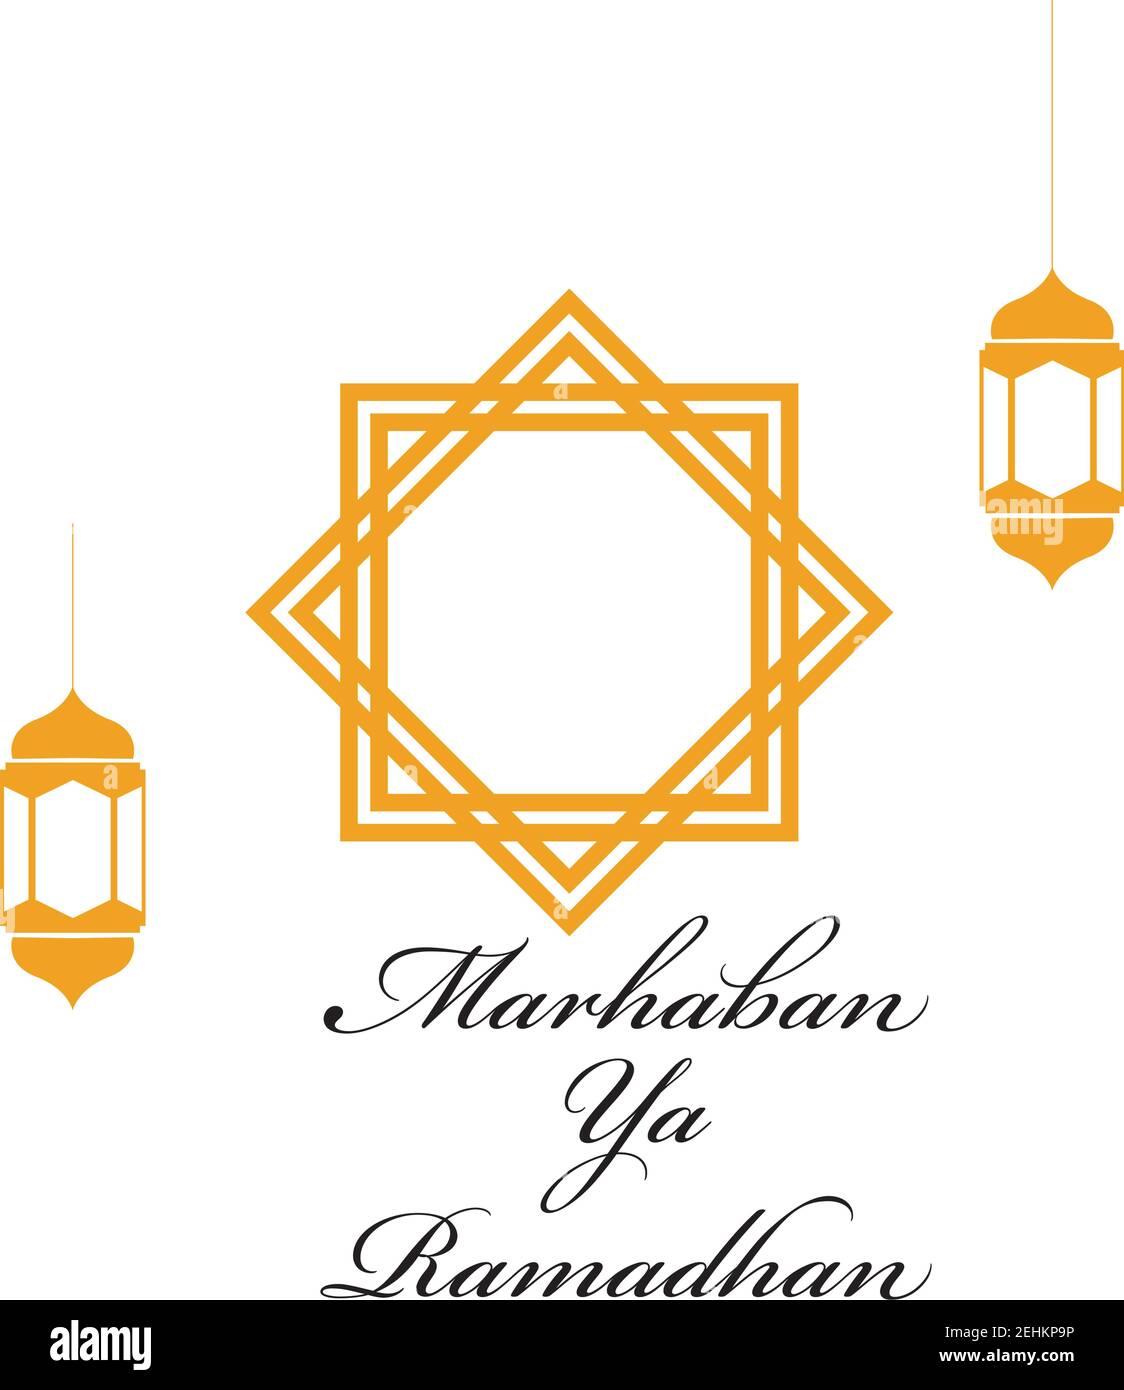 Tulisan Marhaban Ya Ramadhan : tulisan, marhaban, ramadhan, Vector, Illustration, Marhaban, Ramadhan, Stock, Image, Alamy